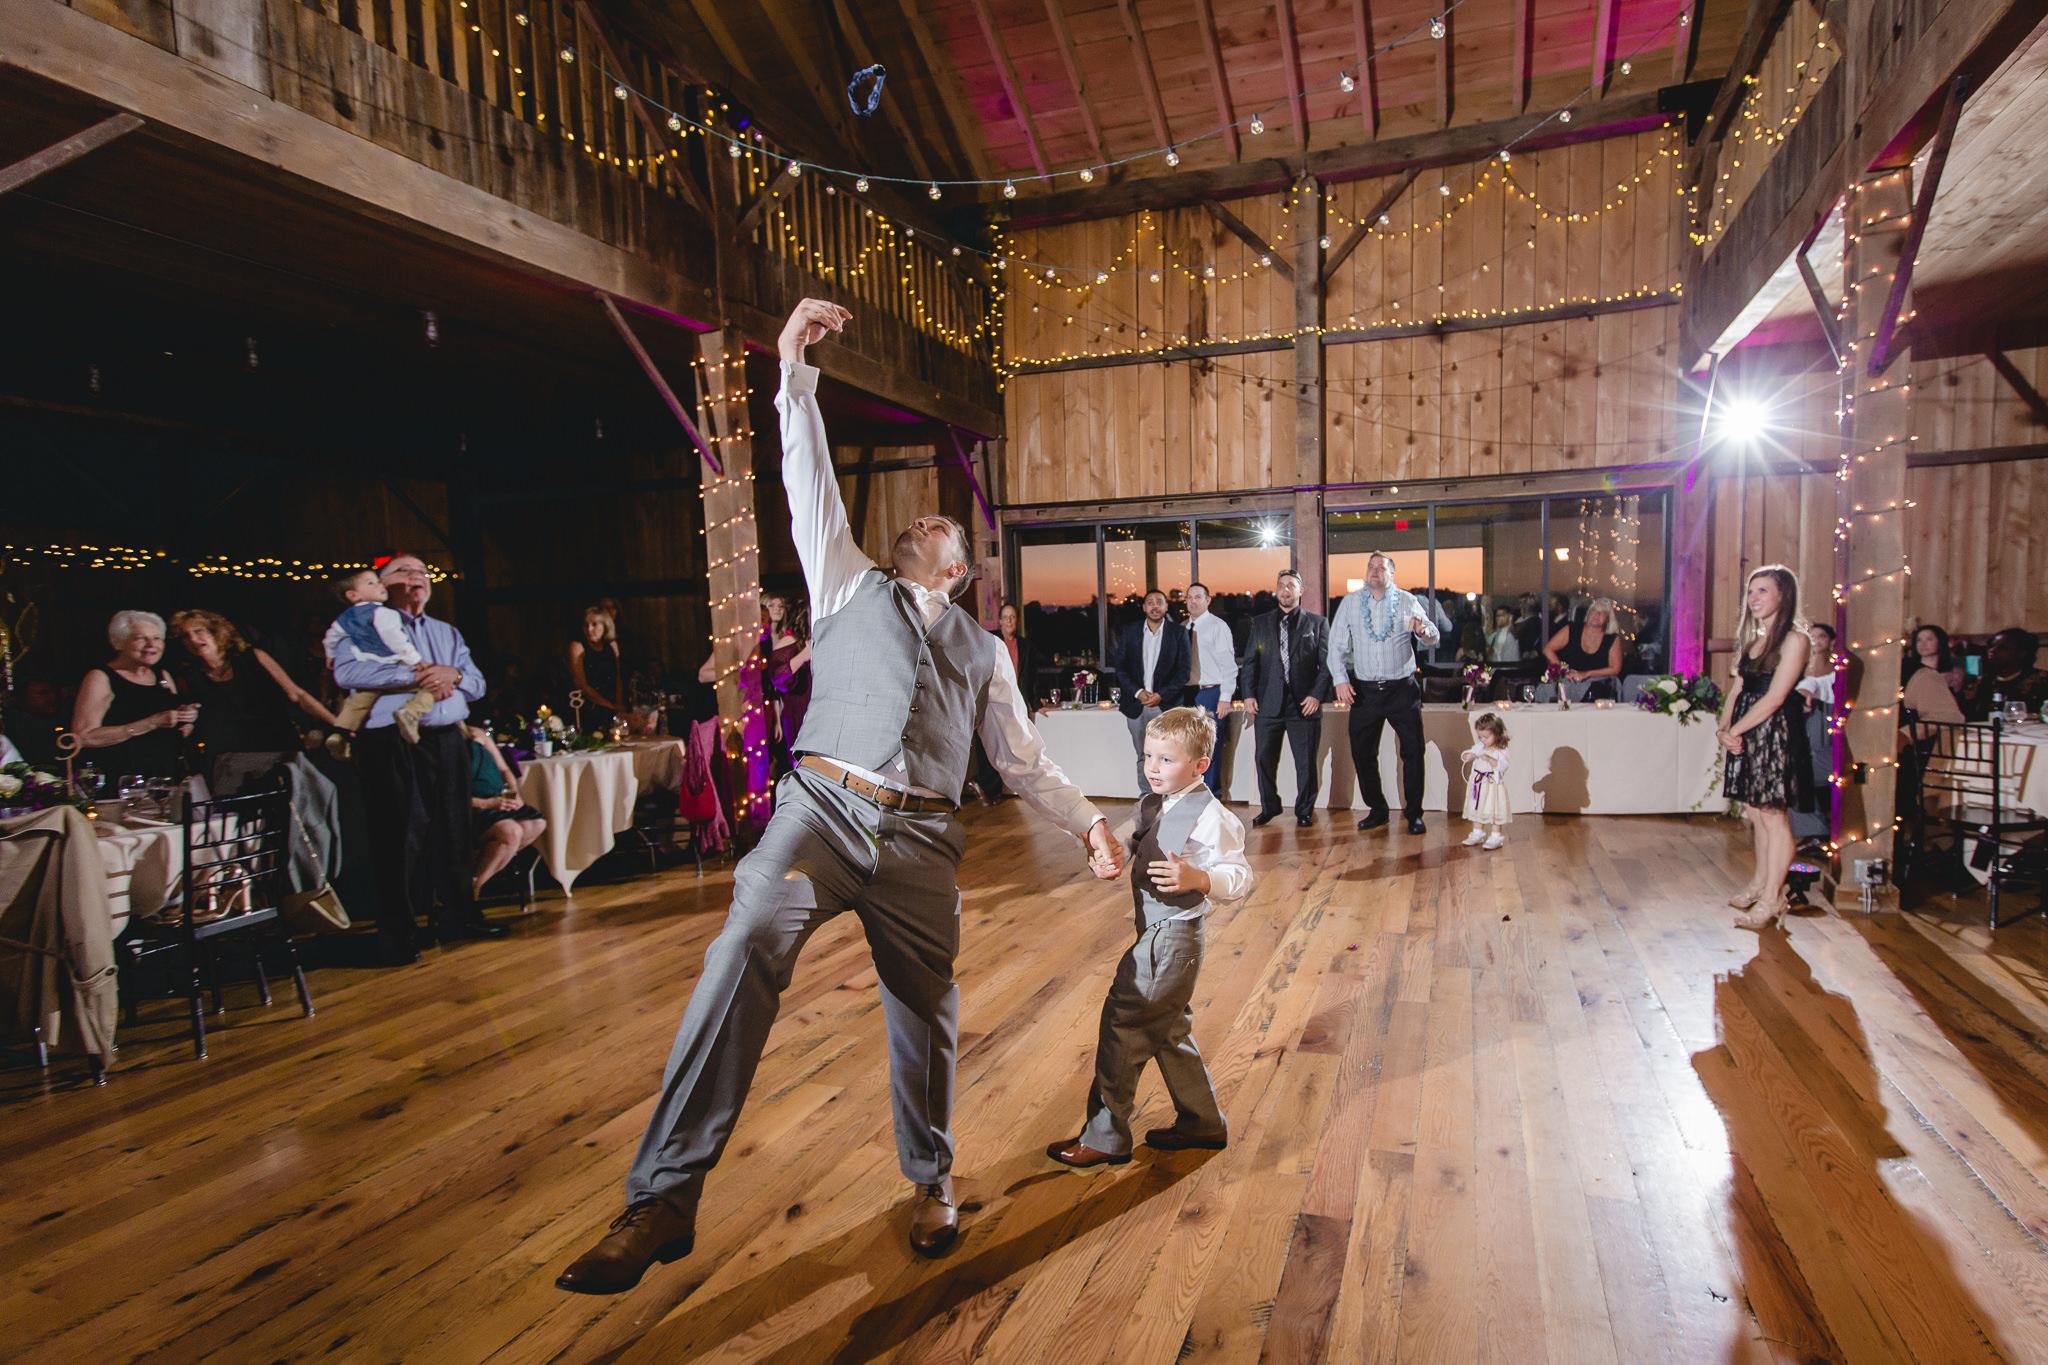 Groom tosses the garter at a White Barn wedding